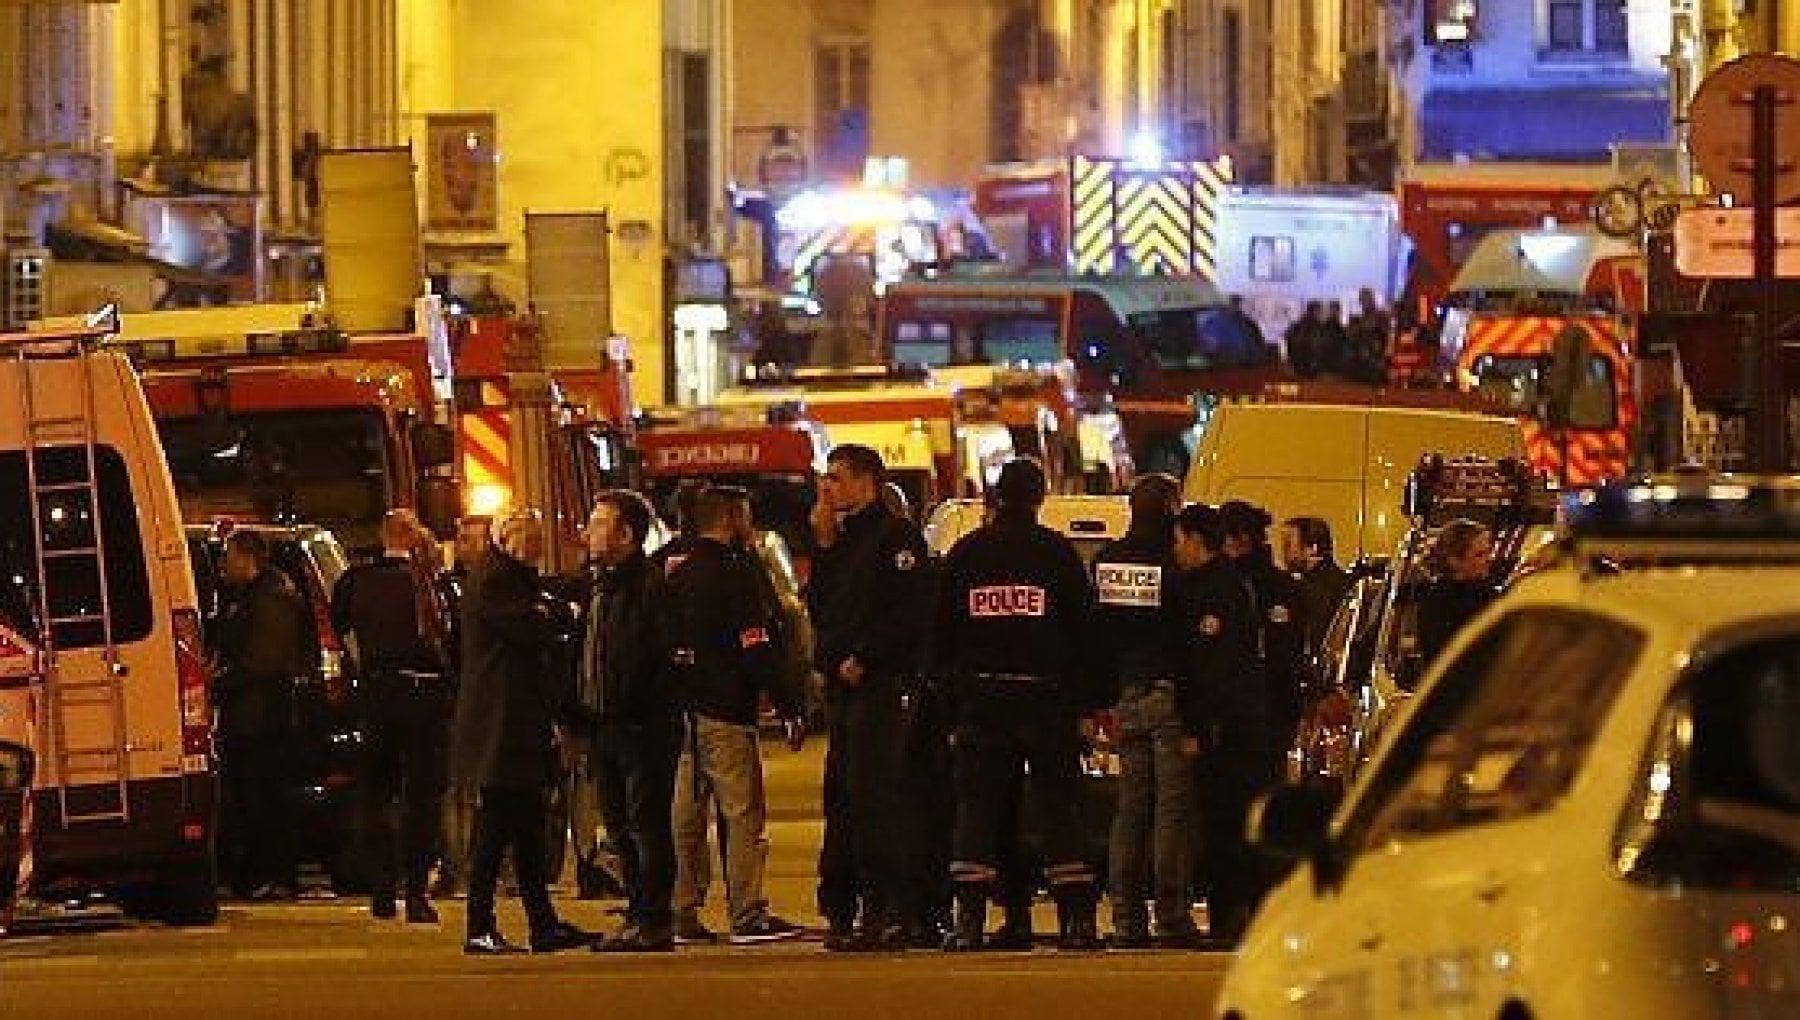 074319019 86d299df e097 4a3f be7b 74b83b365d25 - Isis, fermato a Bari 36enne algerino: è accusato di aver partecipato alla strage del Bataclan